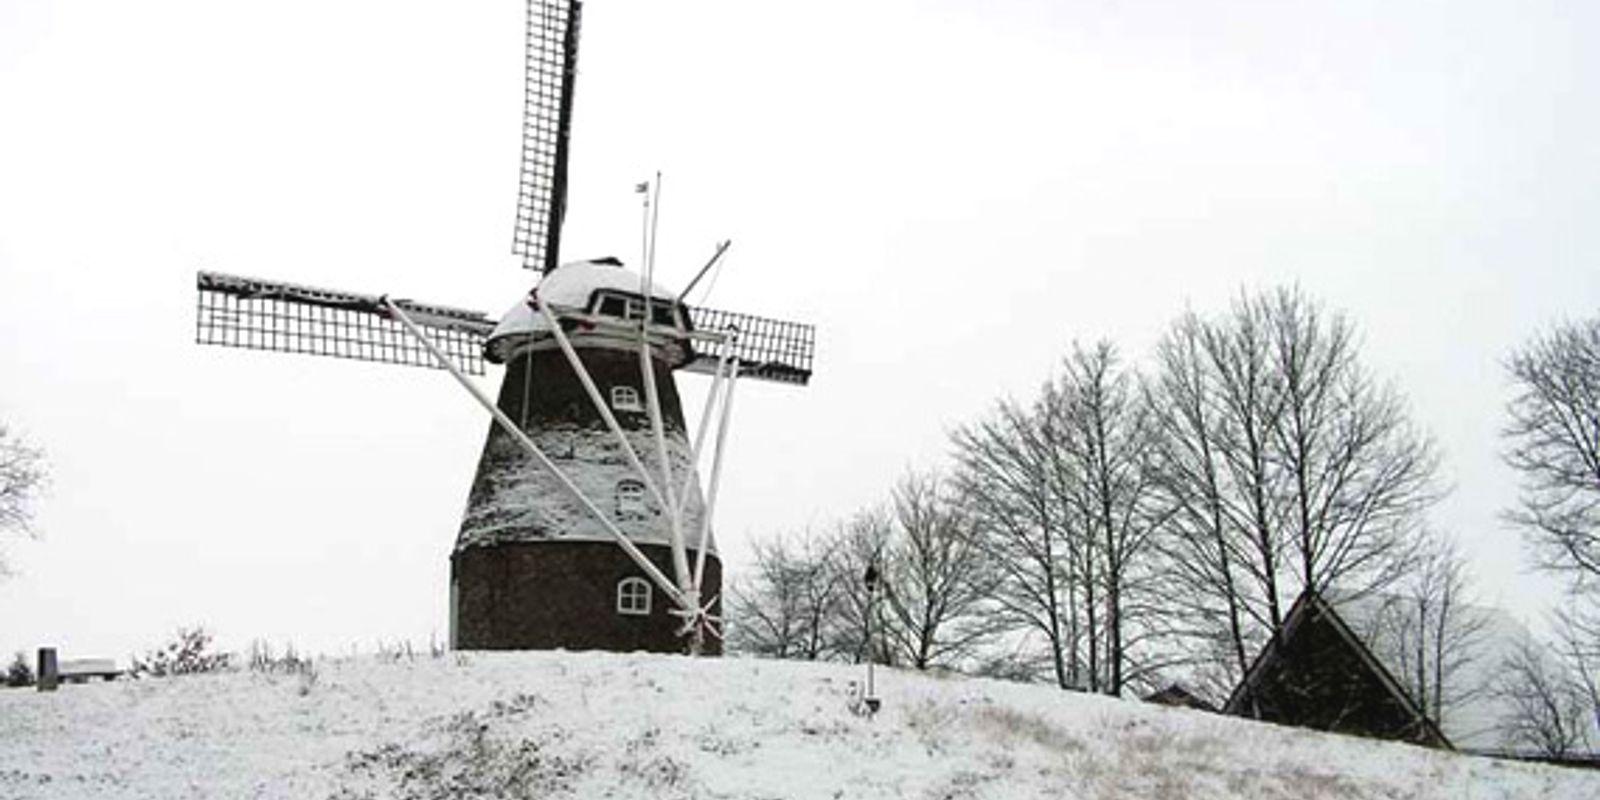 GB foto molen frielink winter